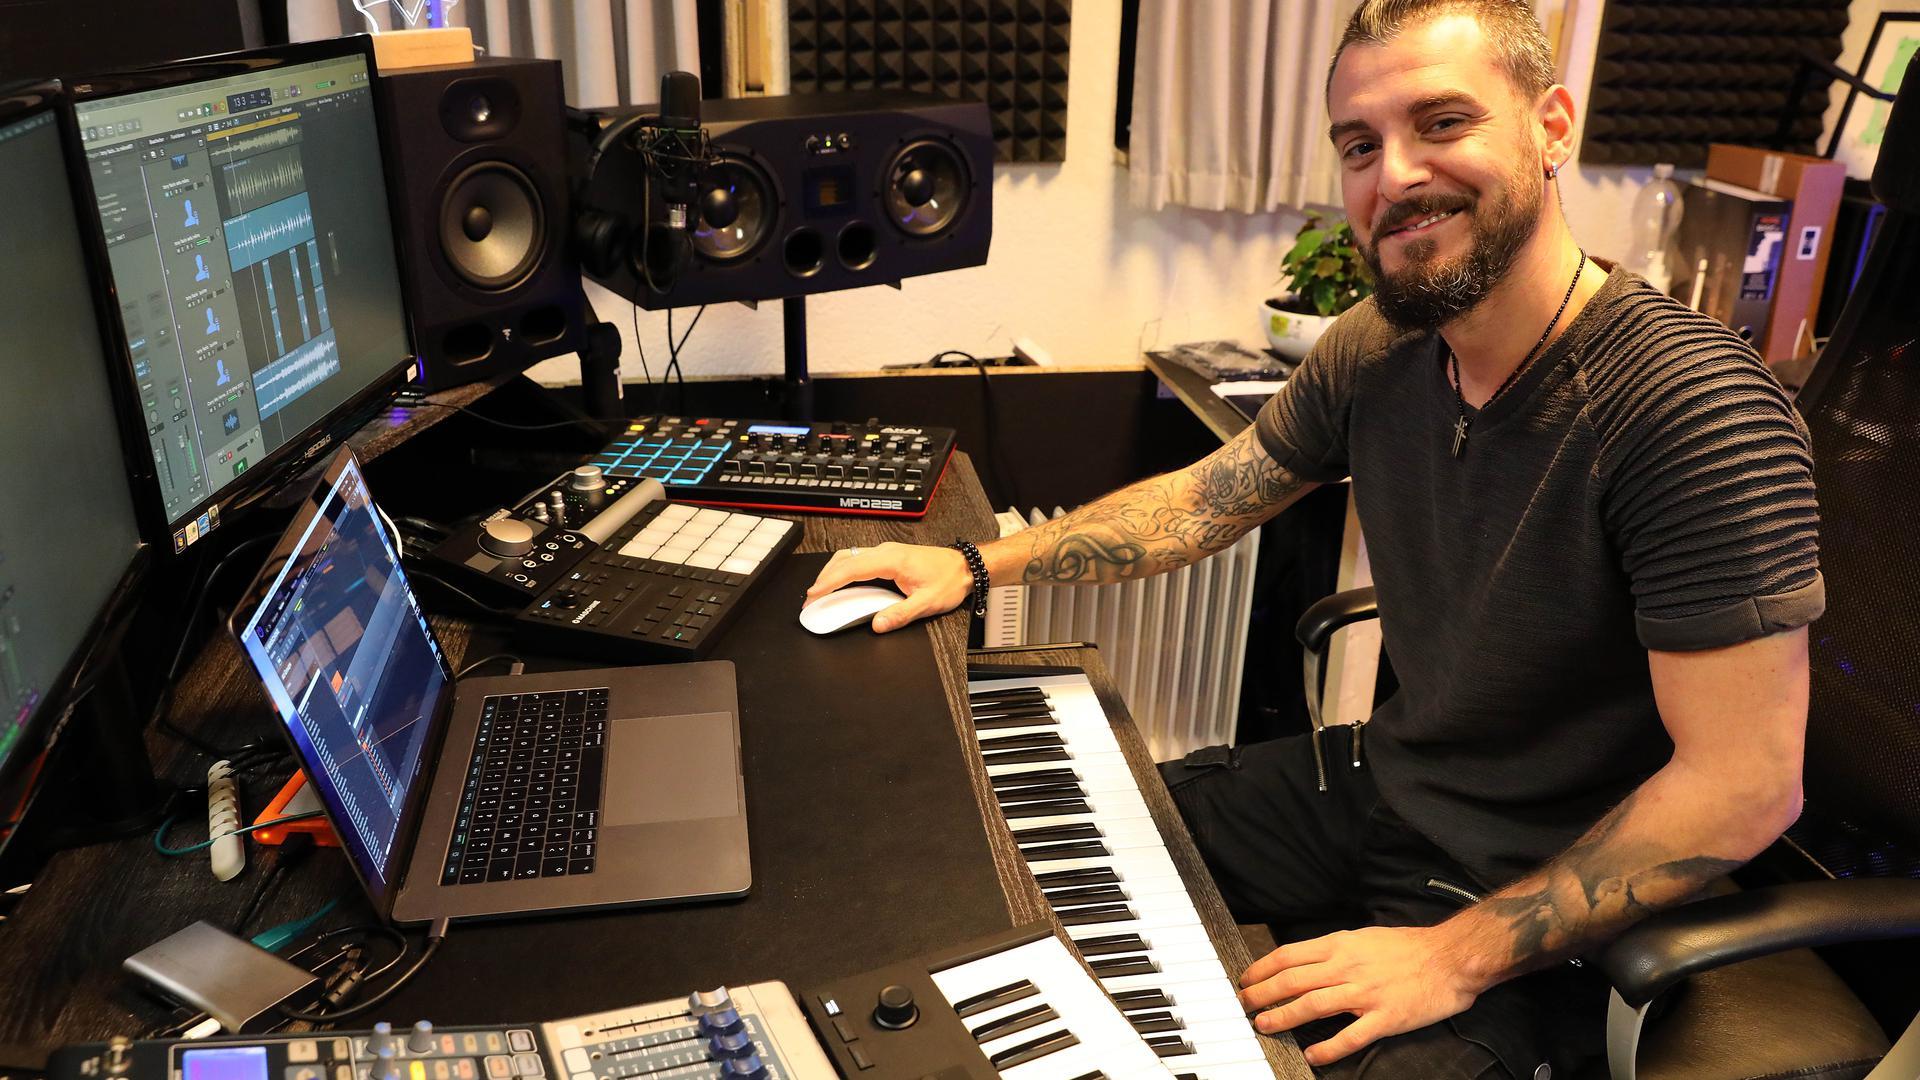 Musik ist sein Leben: Tony Fazio hat sein Studio in der Oststadt. Weil wegen Corona aber alle Auftritte flach fallen, jobbt er jetzt im Supermarkt an der Kasse.